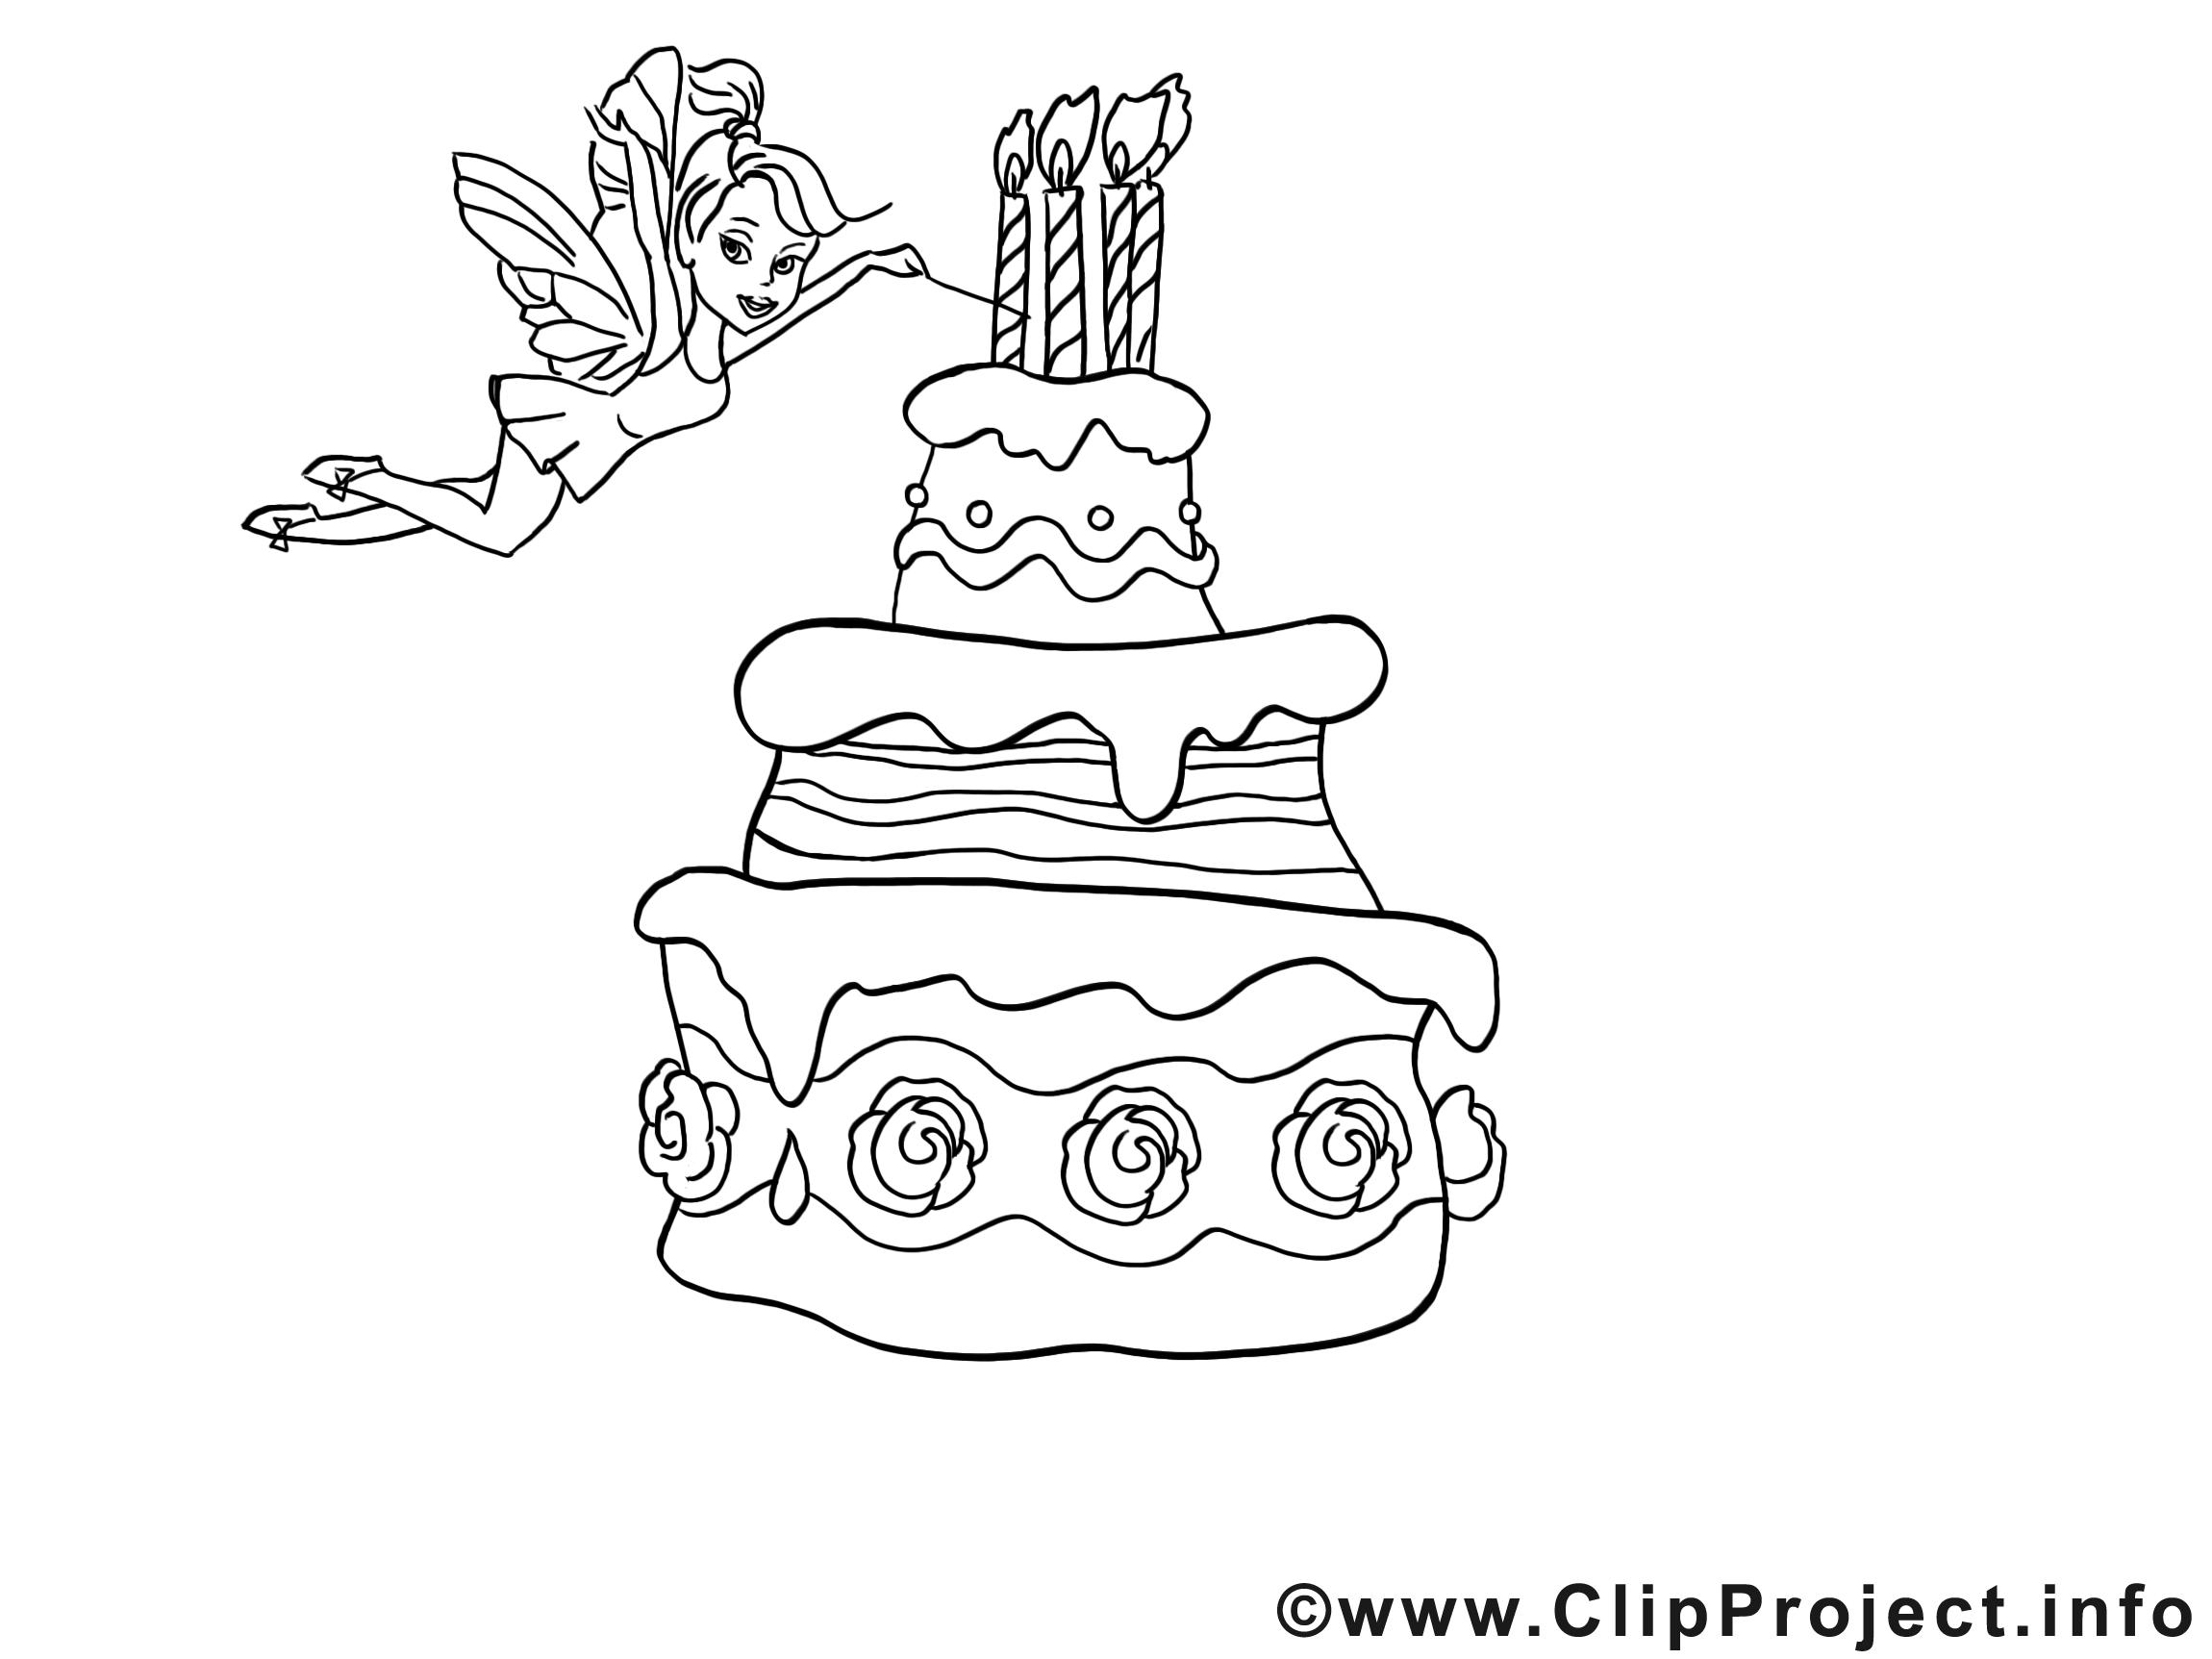 torte zum ausmalen  vorlagen zum ausmalen gratis ausdrucken